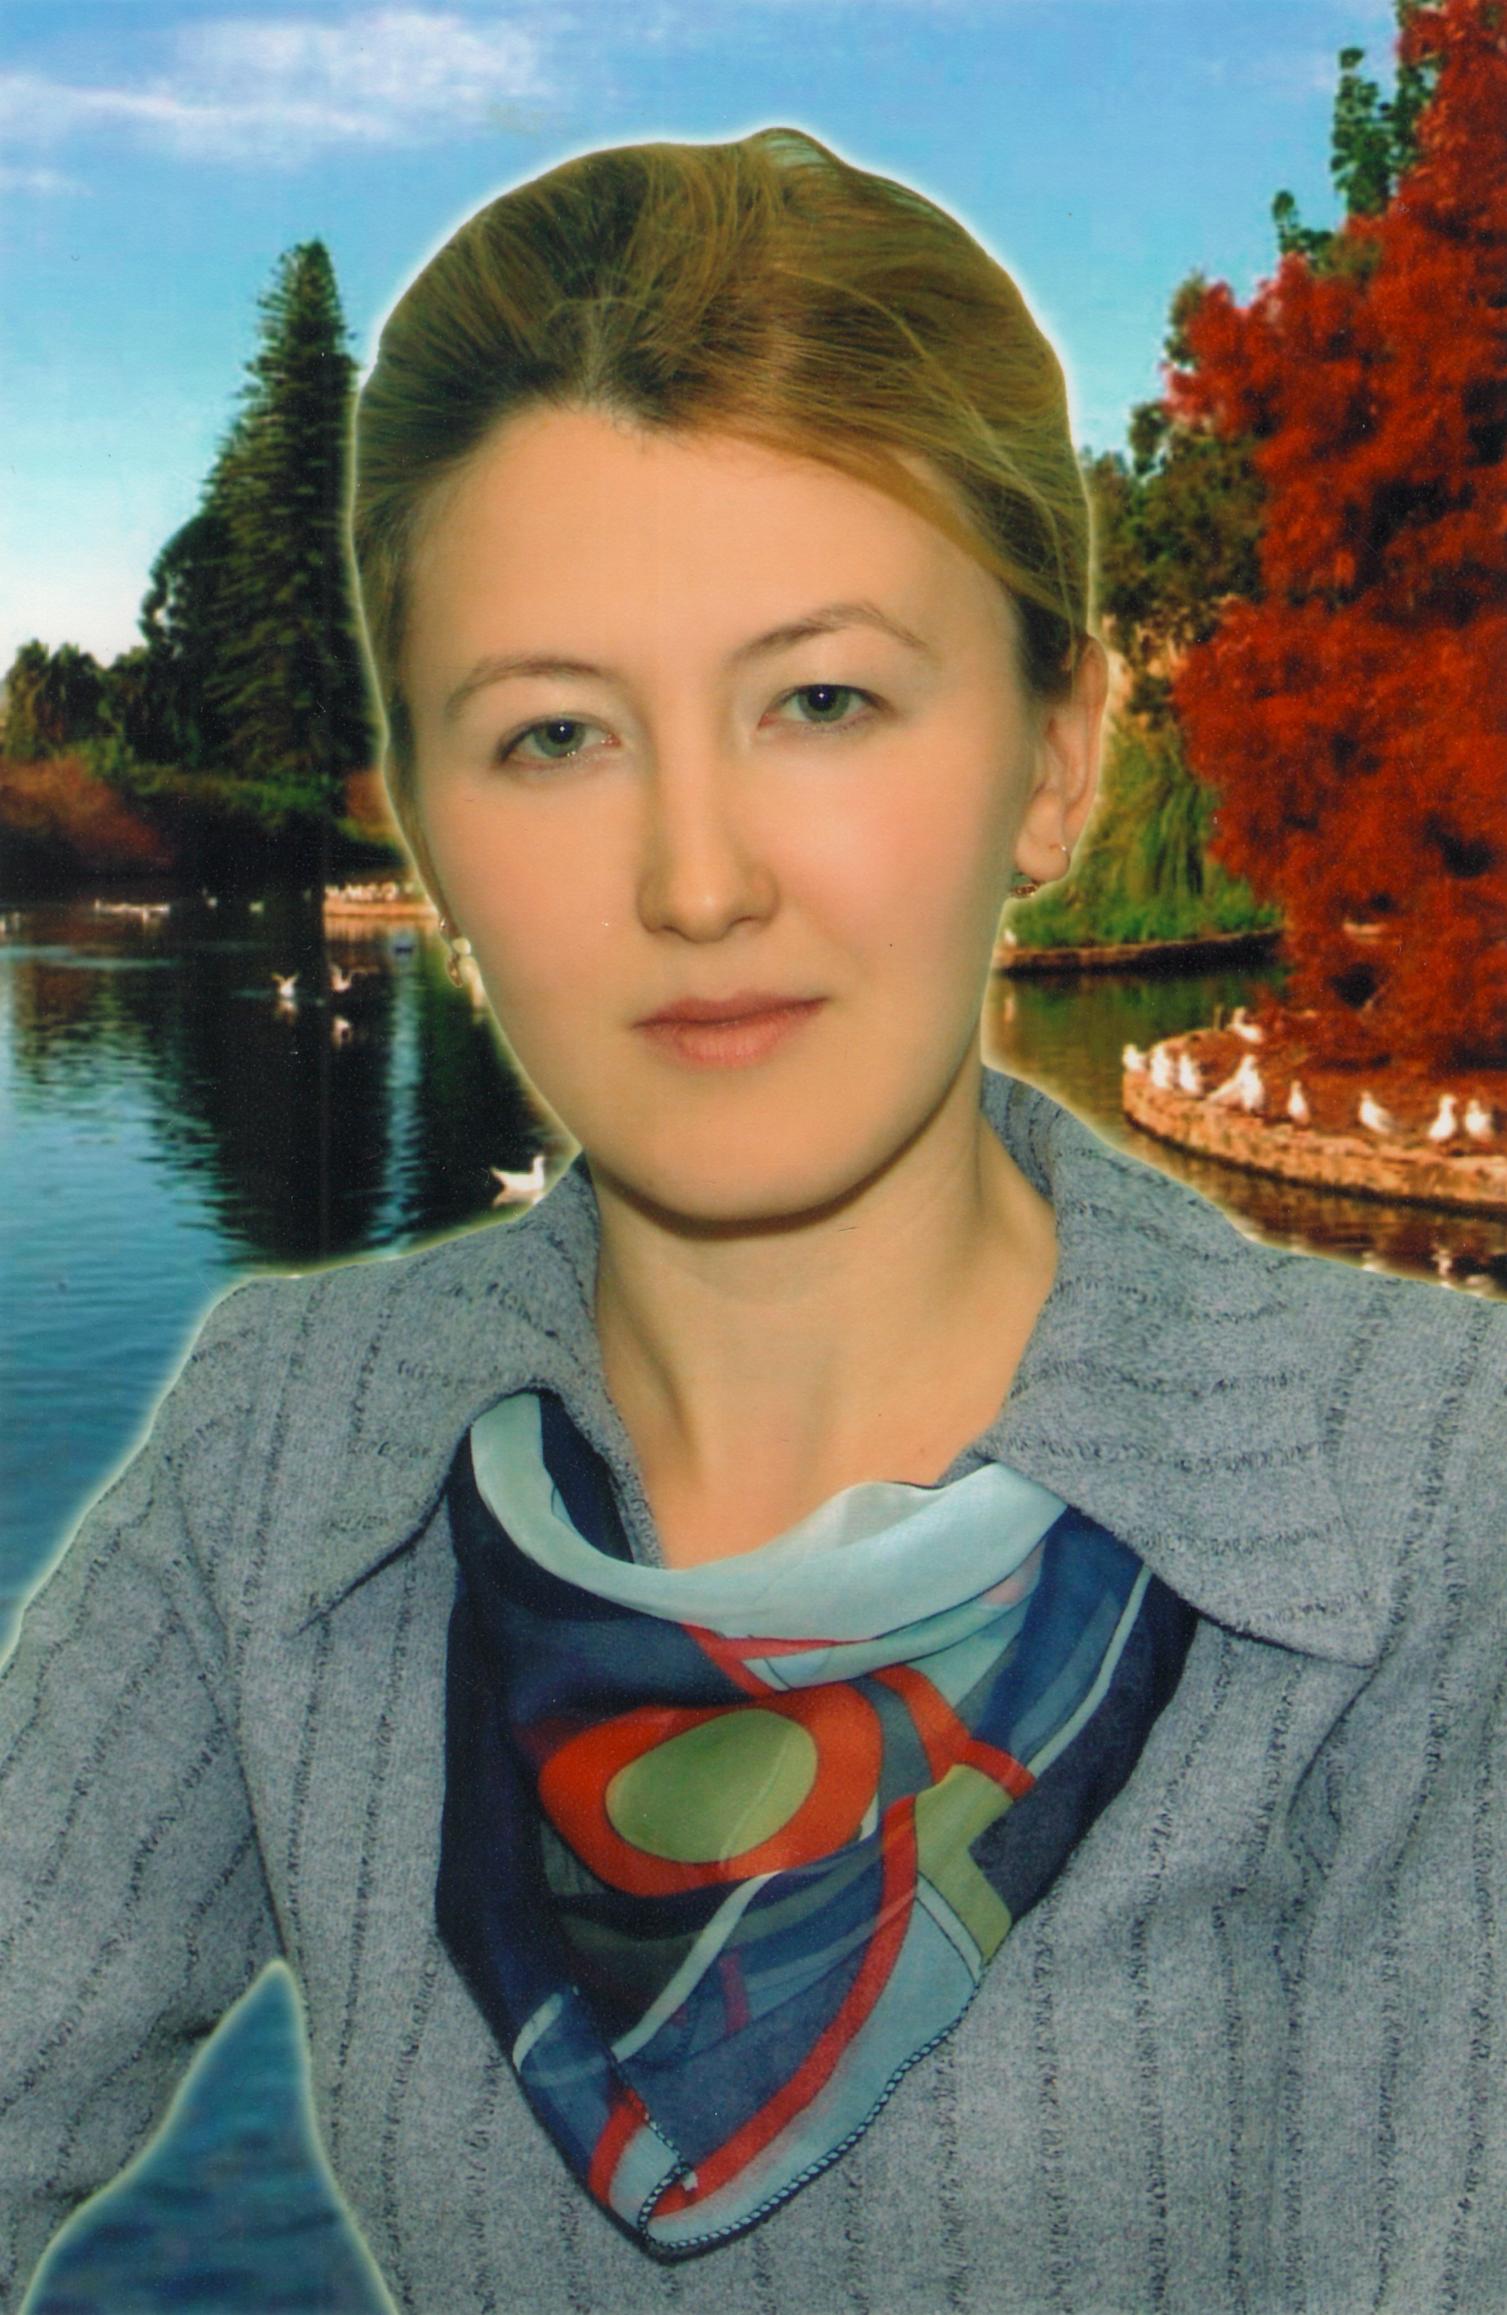 Сәрвәрова Рәдинә Миннерәсил кызы